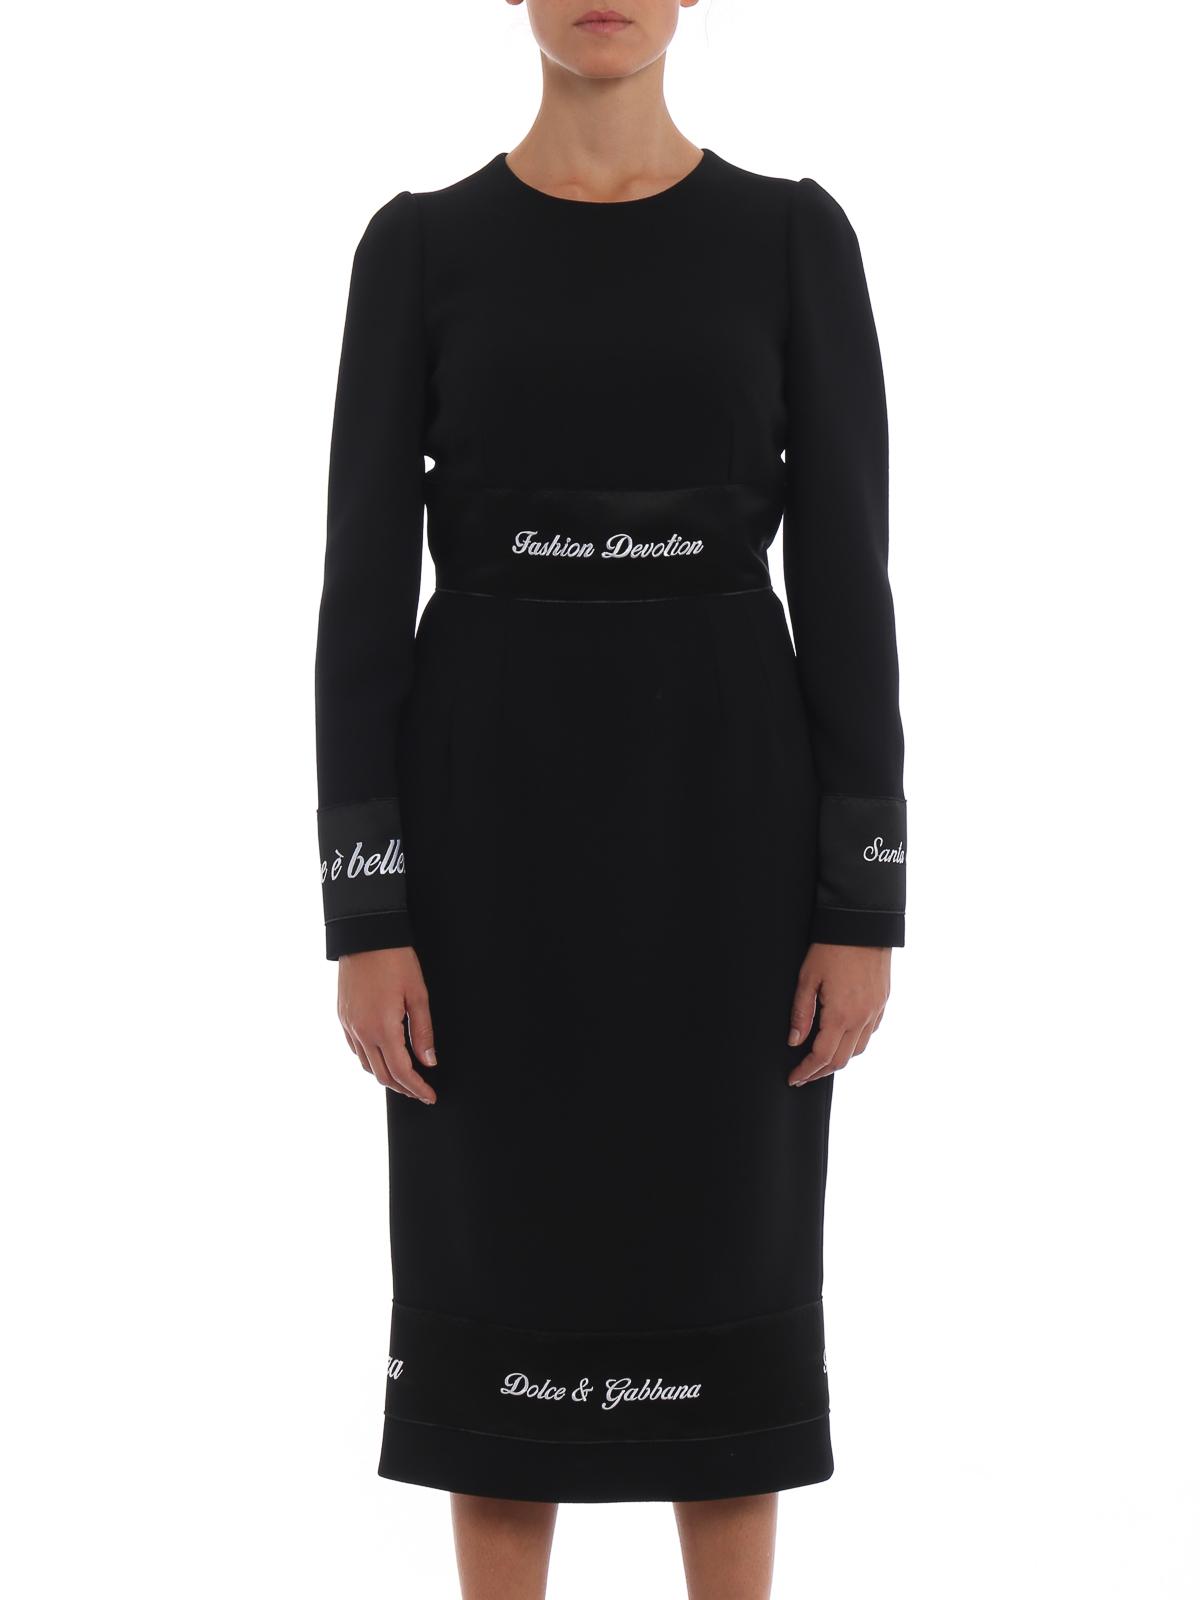 180ec457b043 Dolce   Gabbana - Abendkleid - Schwarz - Abendkleider - F6B3NZFU2X5N0000